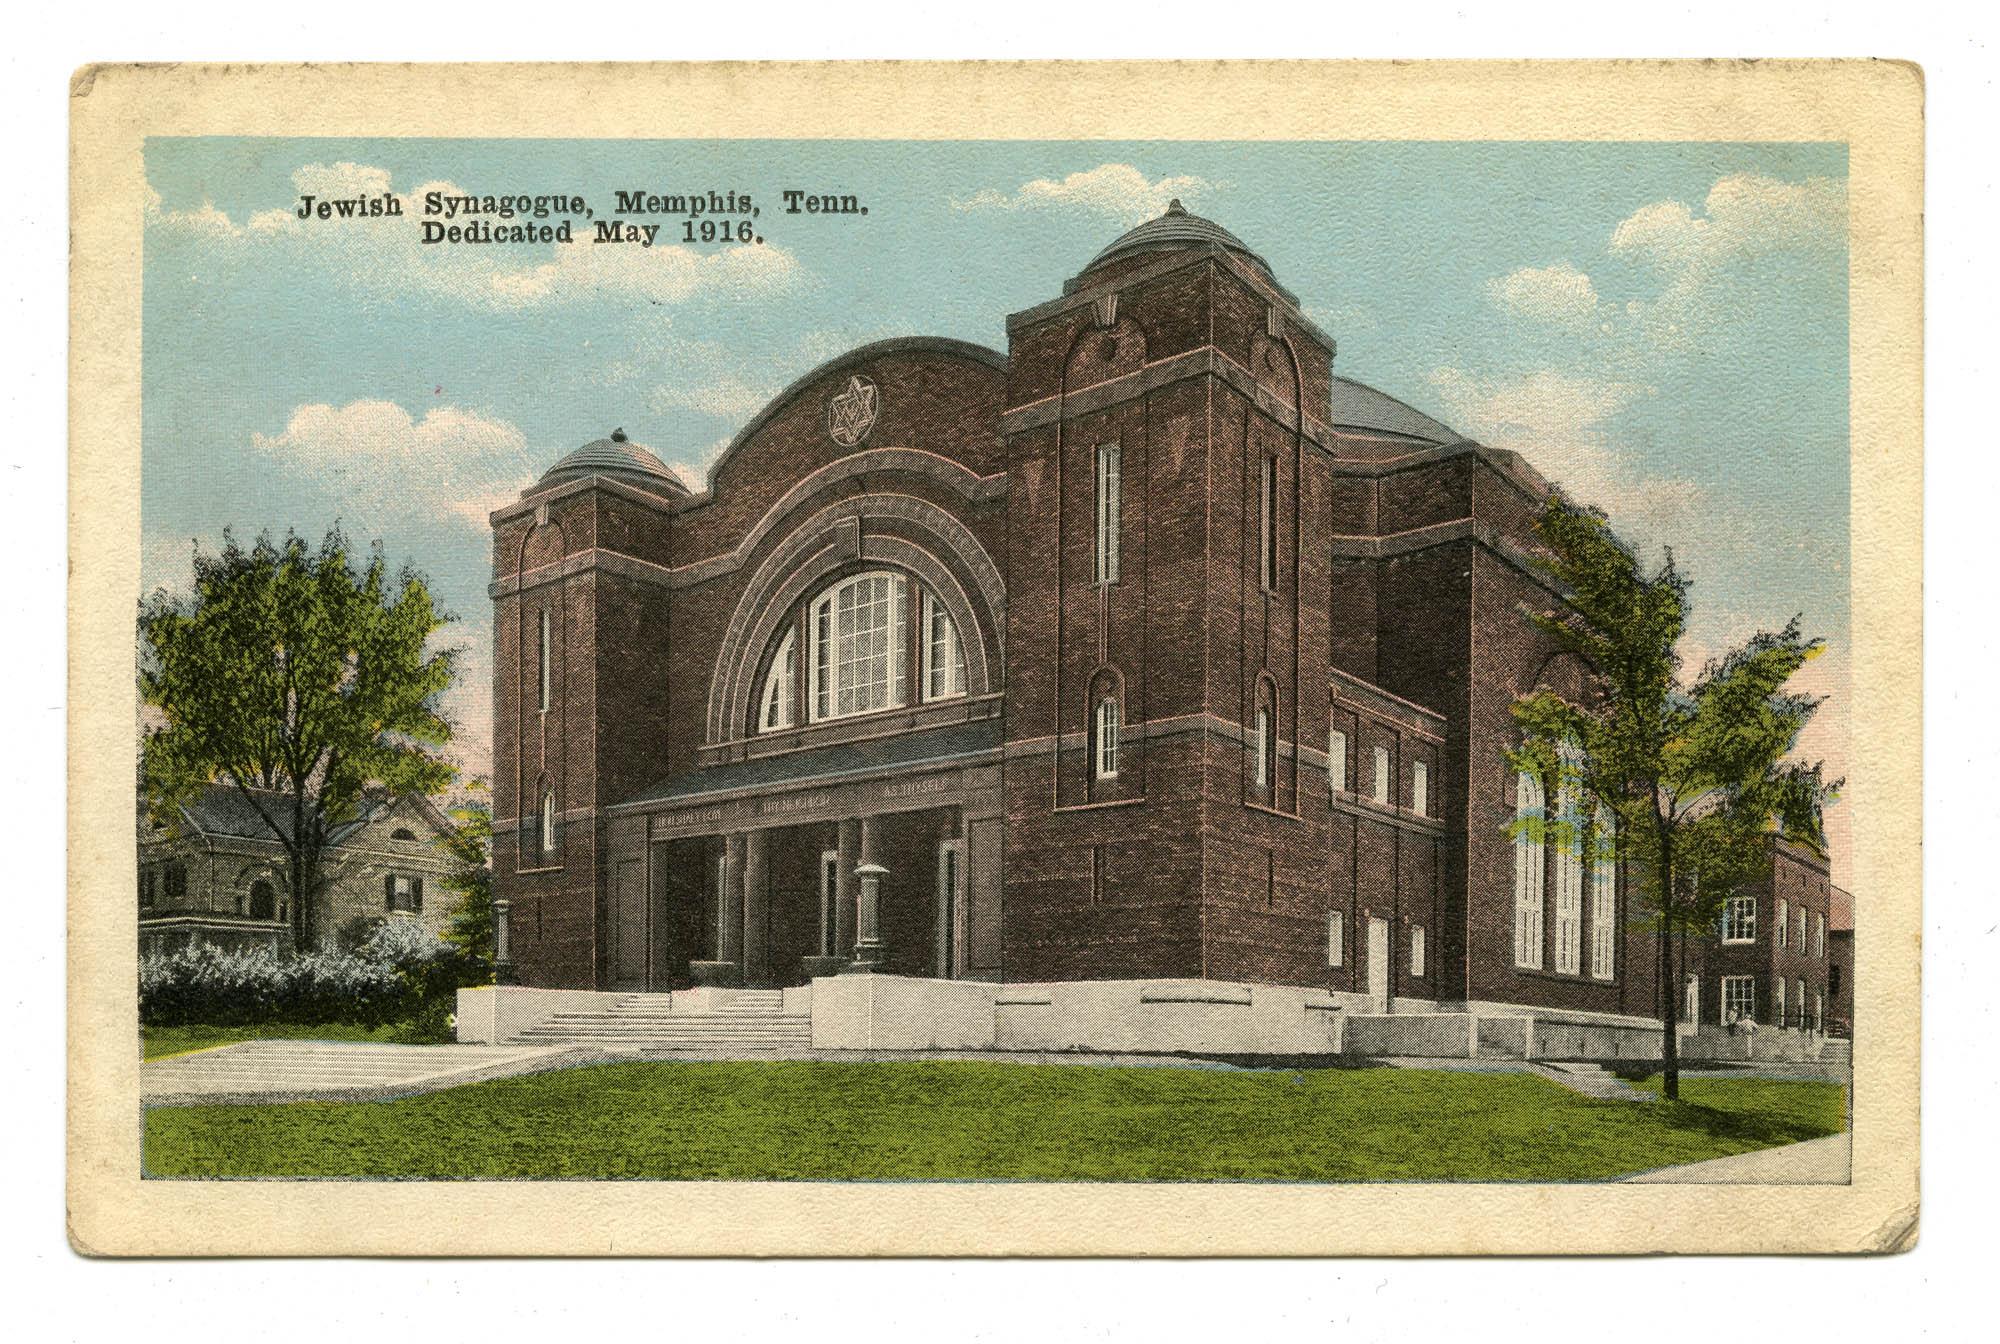 Jewish Synagogue, Memphis, Tenn. Dedicated May 1916.